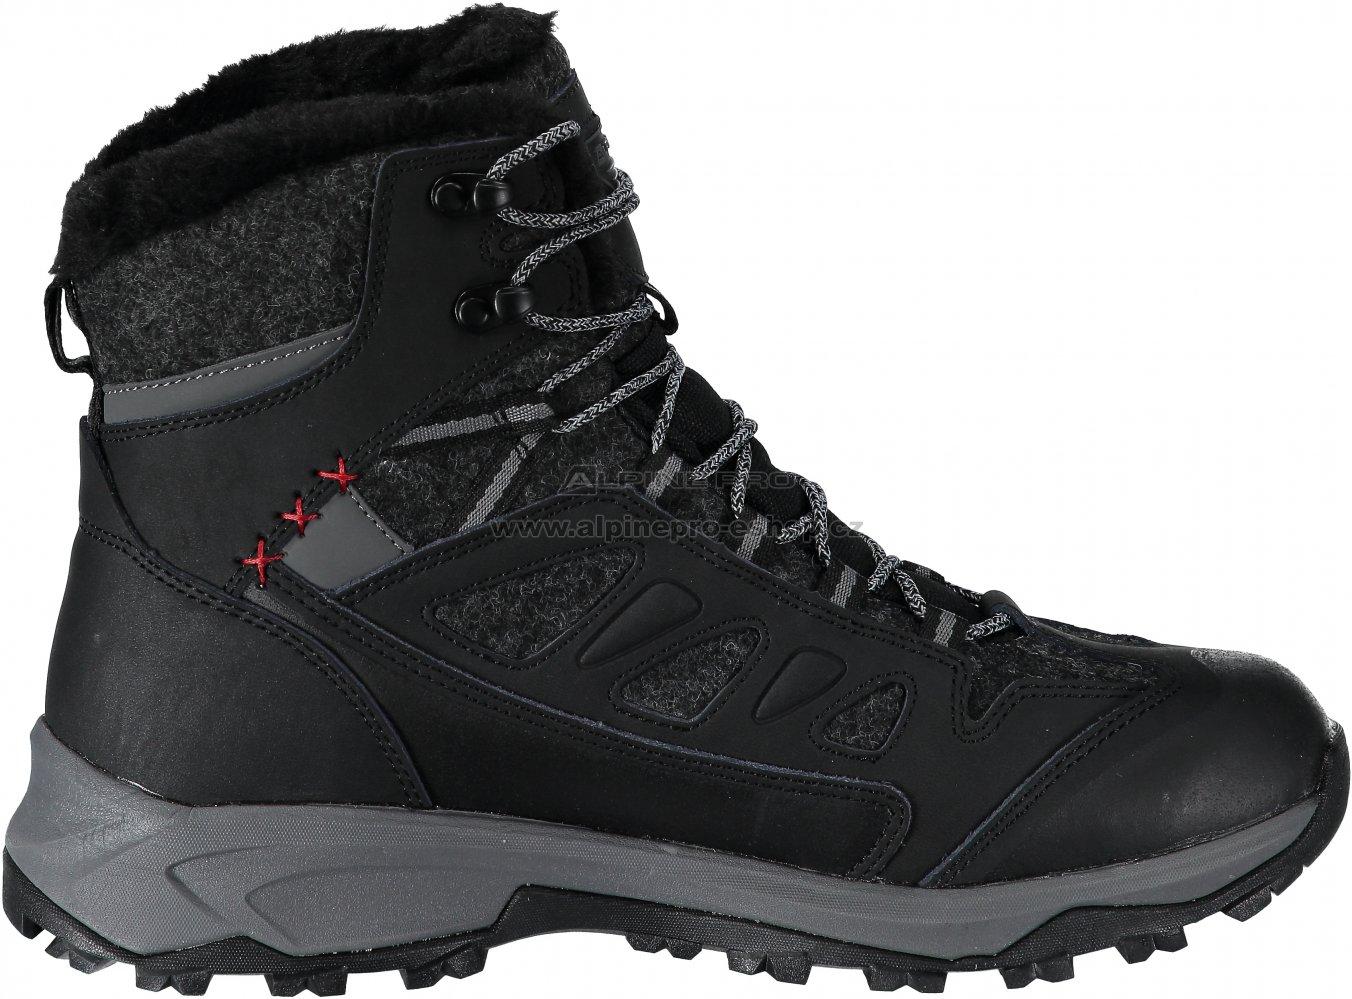 Pánské zimní boty ALPINE PRO ALTAIR MBTM155 ČERNÁ velikost  EU 41 ... 7a92277d6e